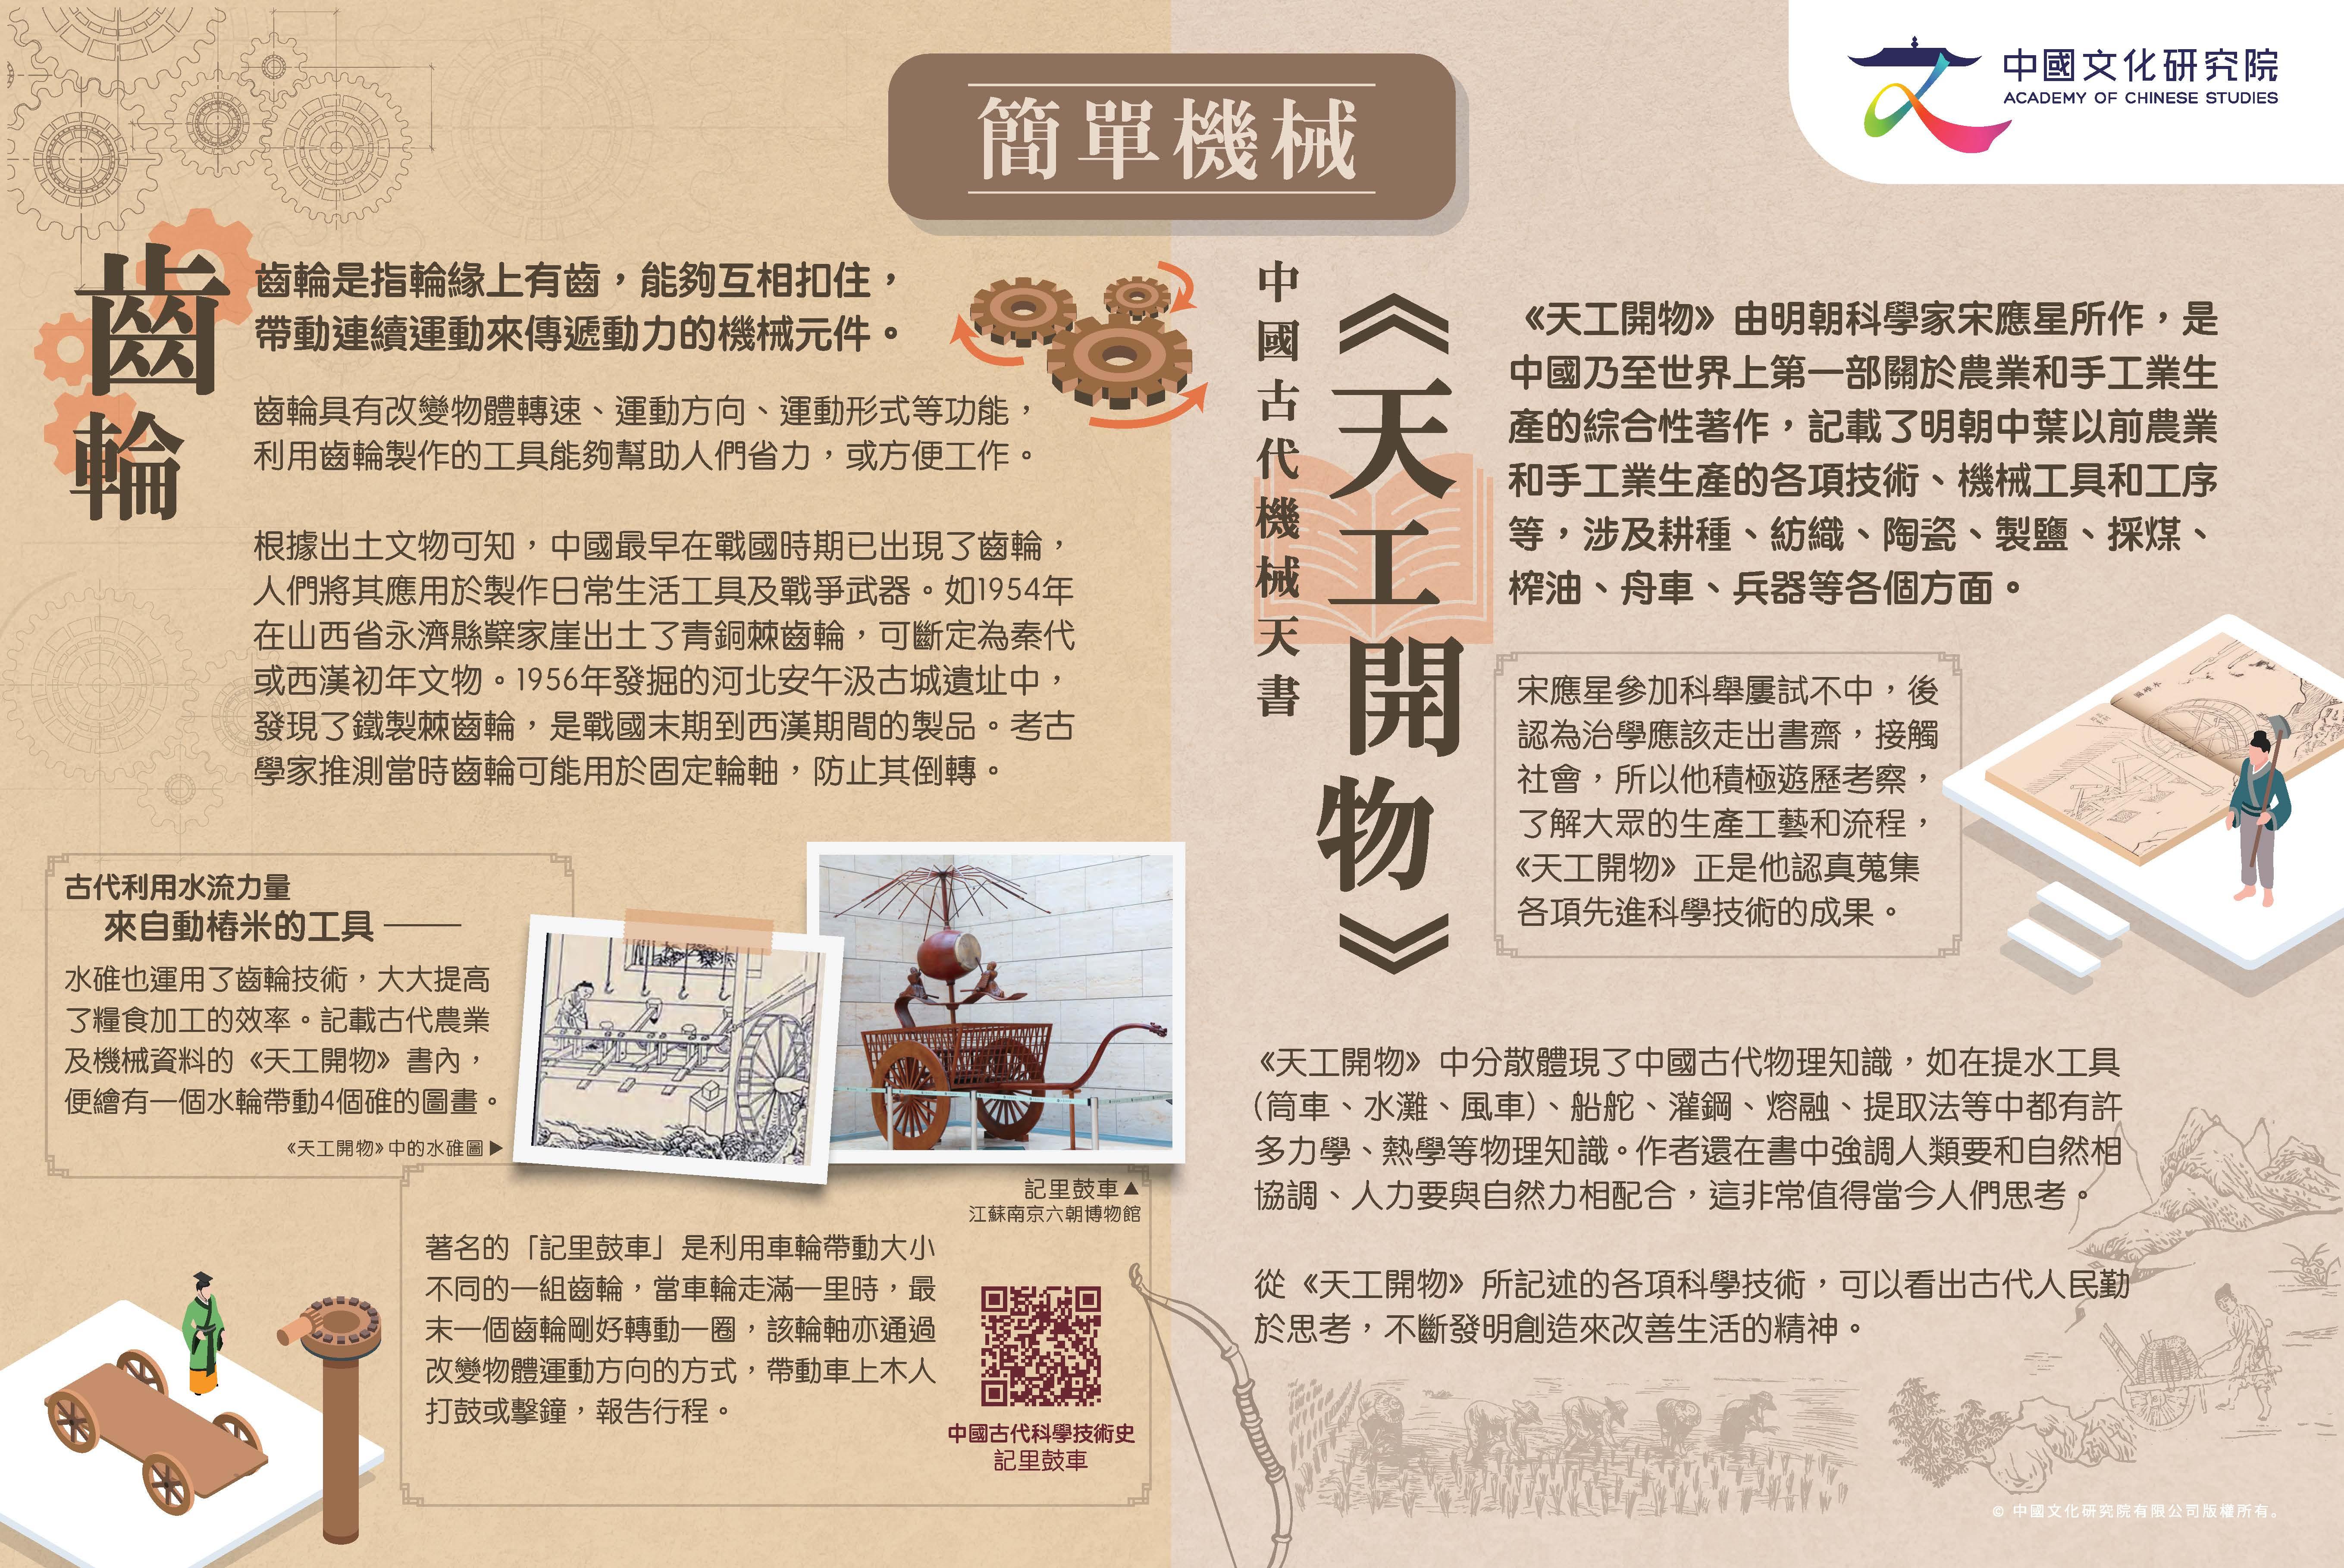 zhongguogudaikexuejishu_zhongxueban1-4_compressed_page_2